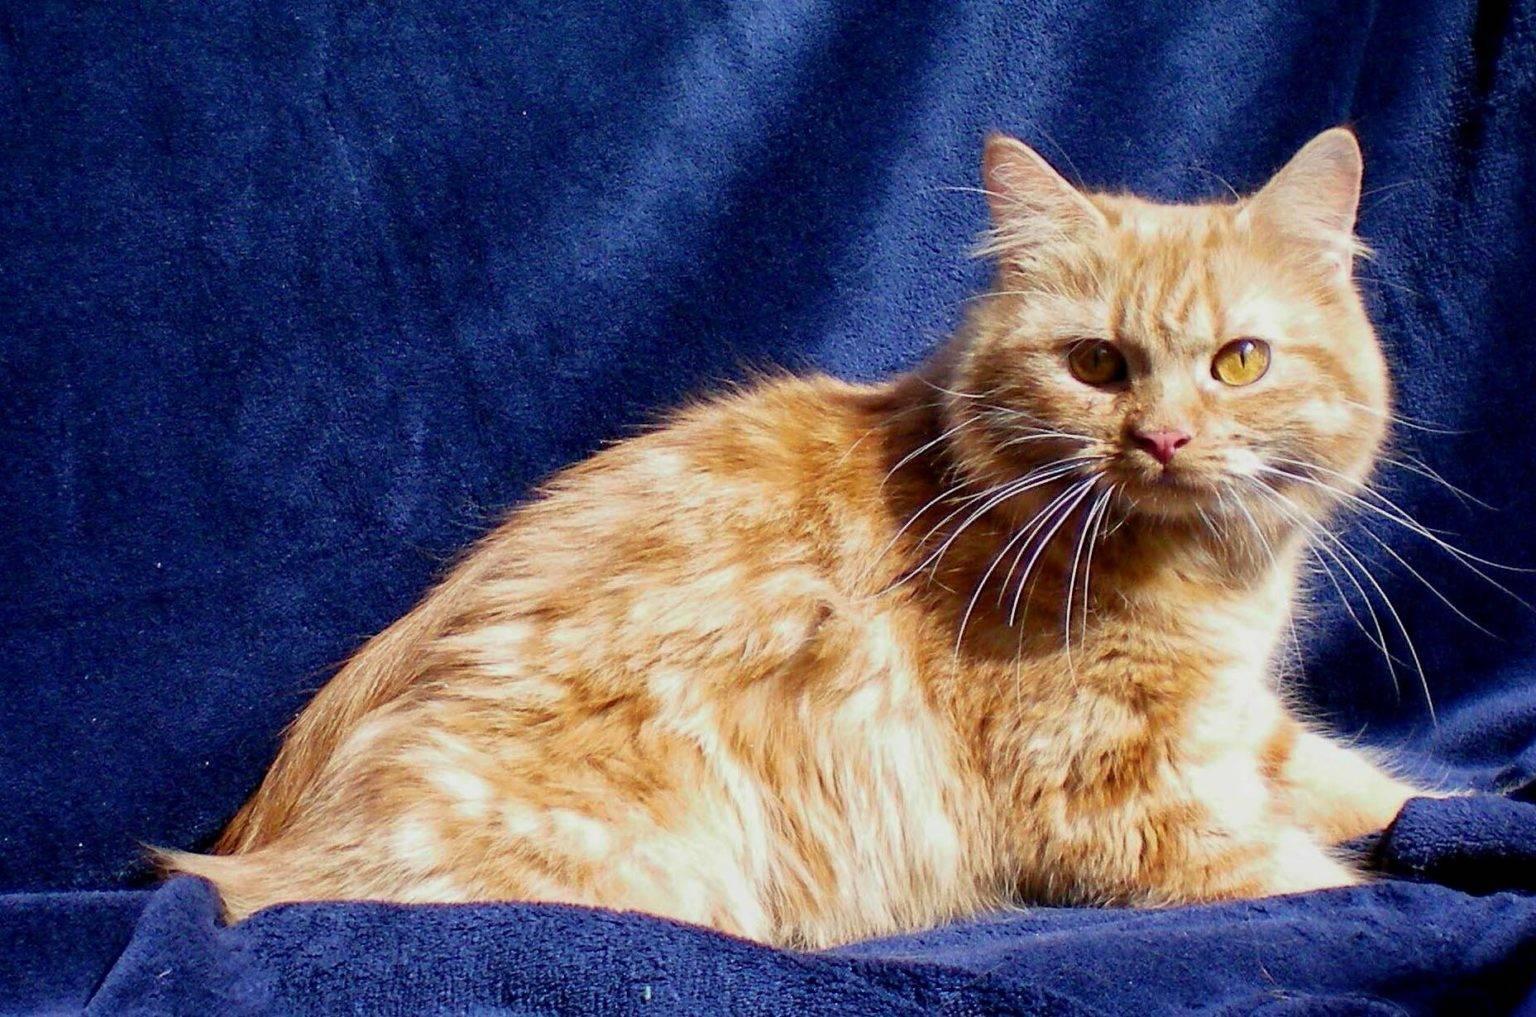 Кошки кимрик — описание бесхвостой породы и основные характеристики питомца (95 фото)